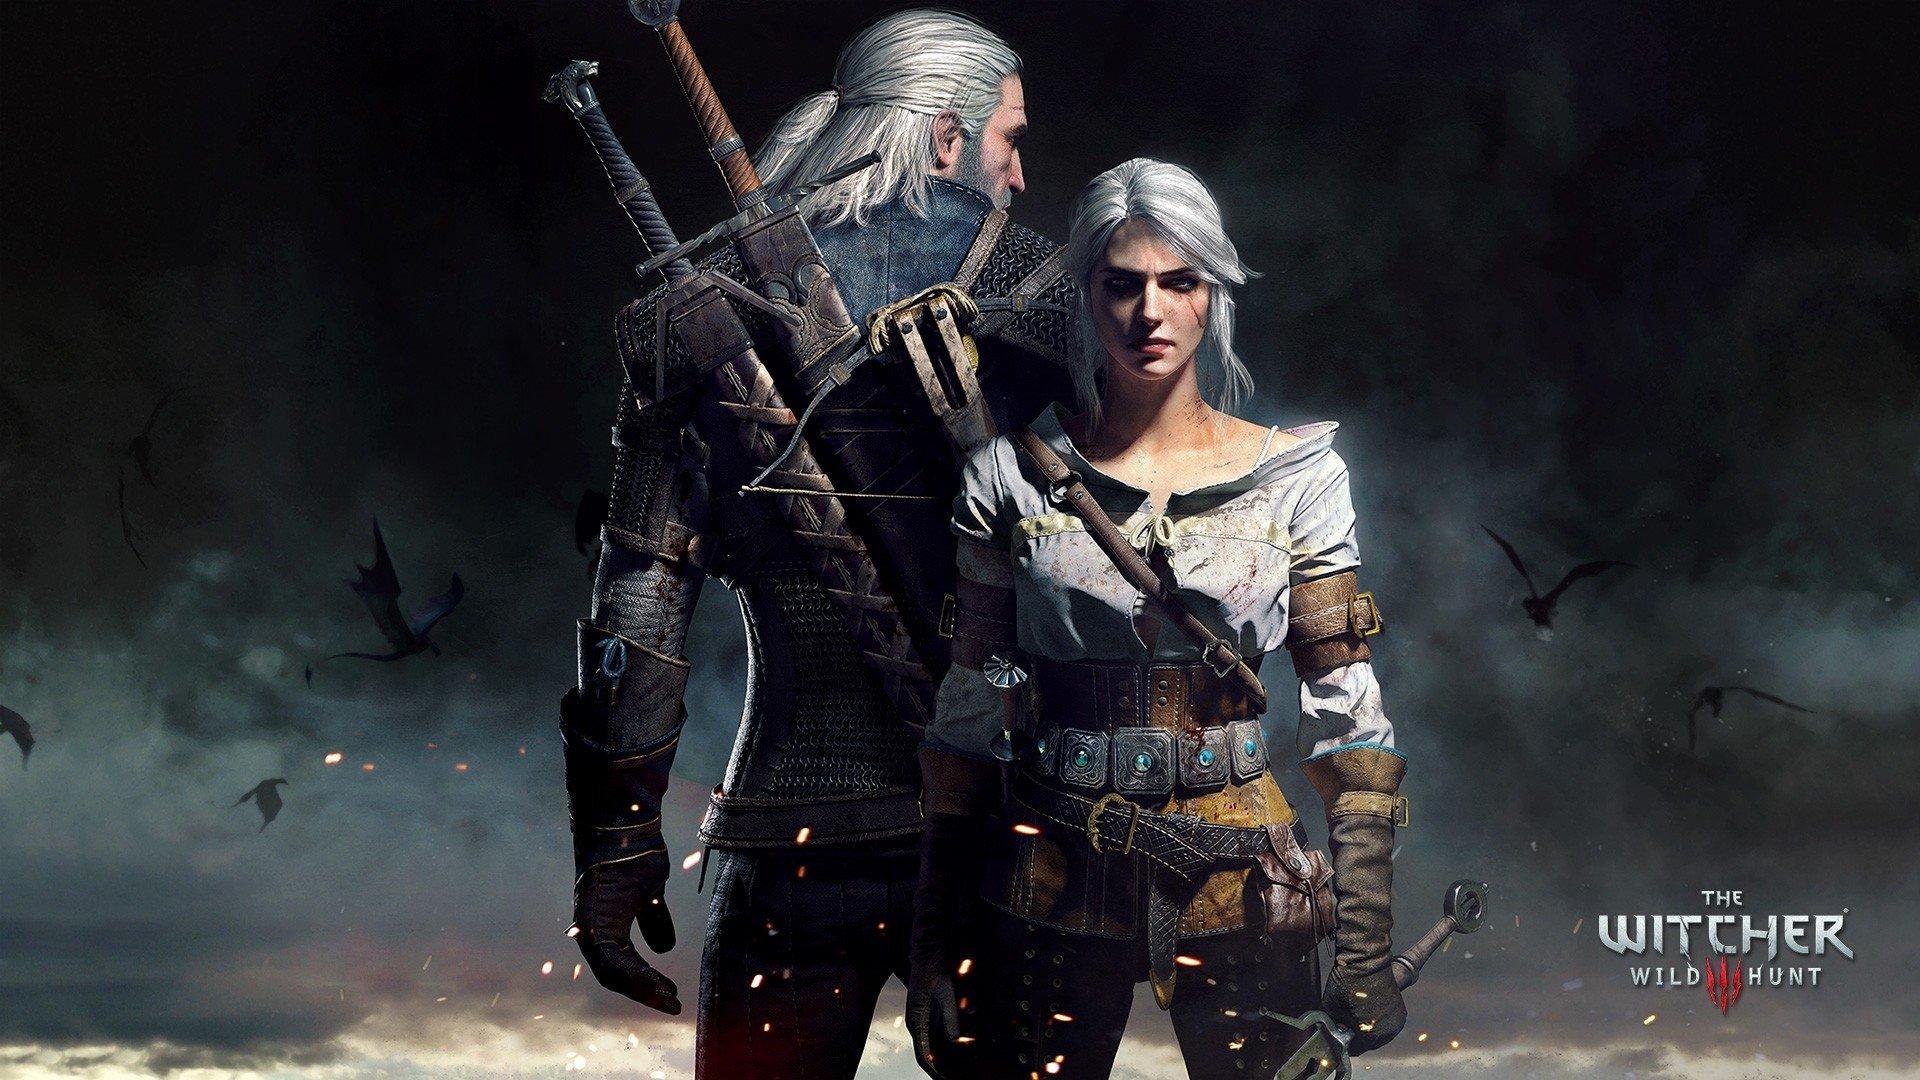 Моддер полностью перестроил боевую систему в The Witcher 3